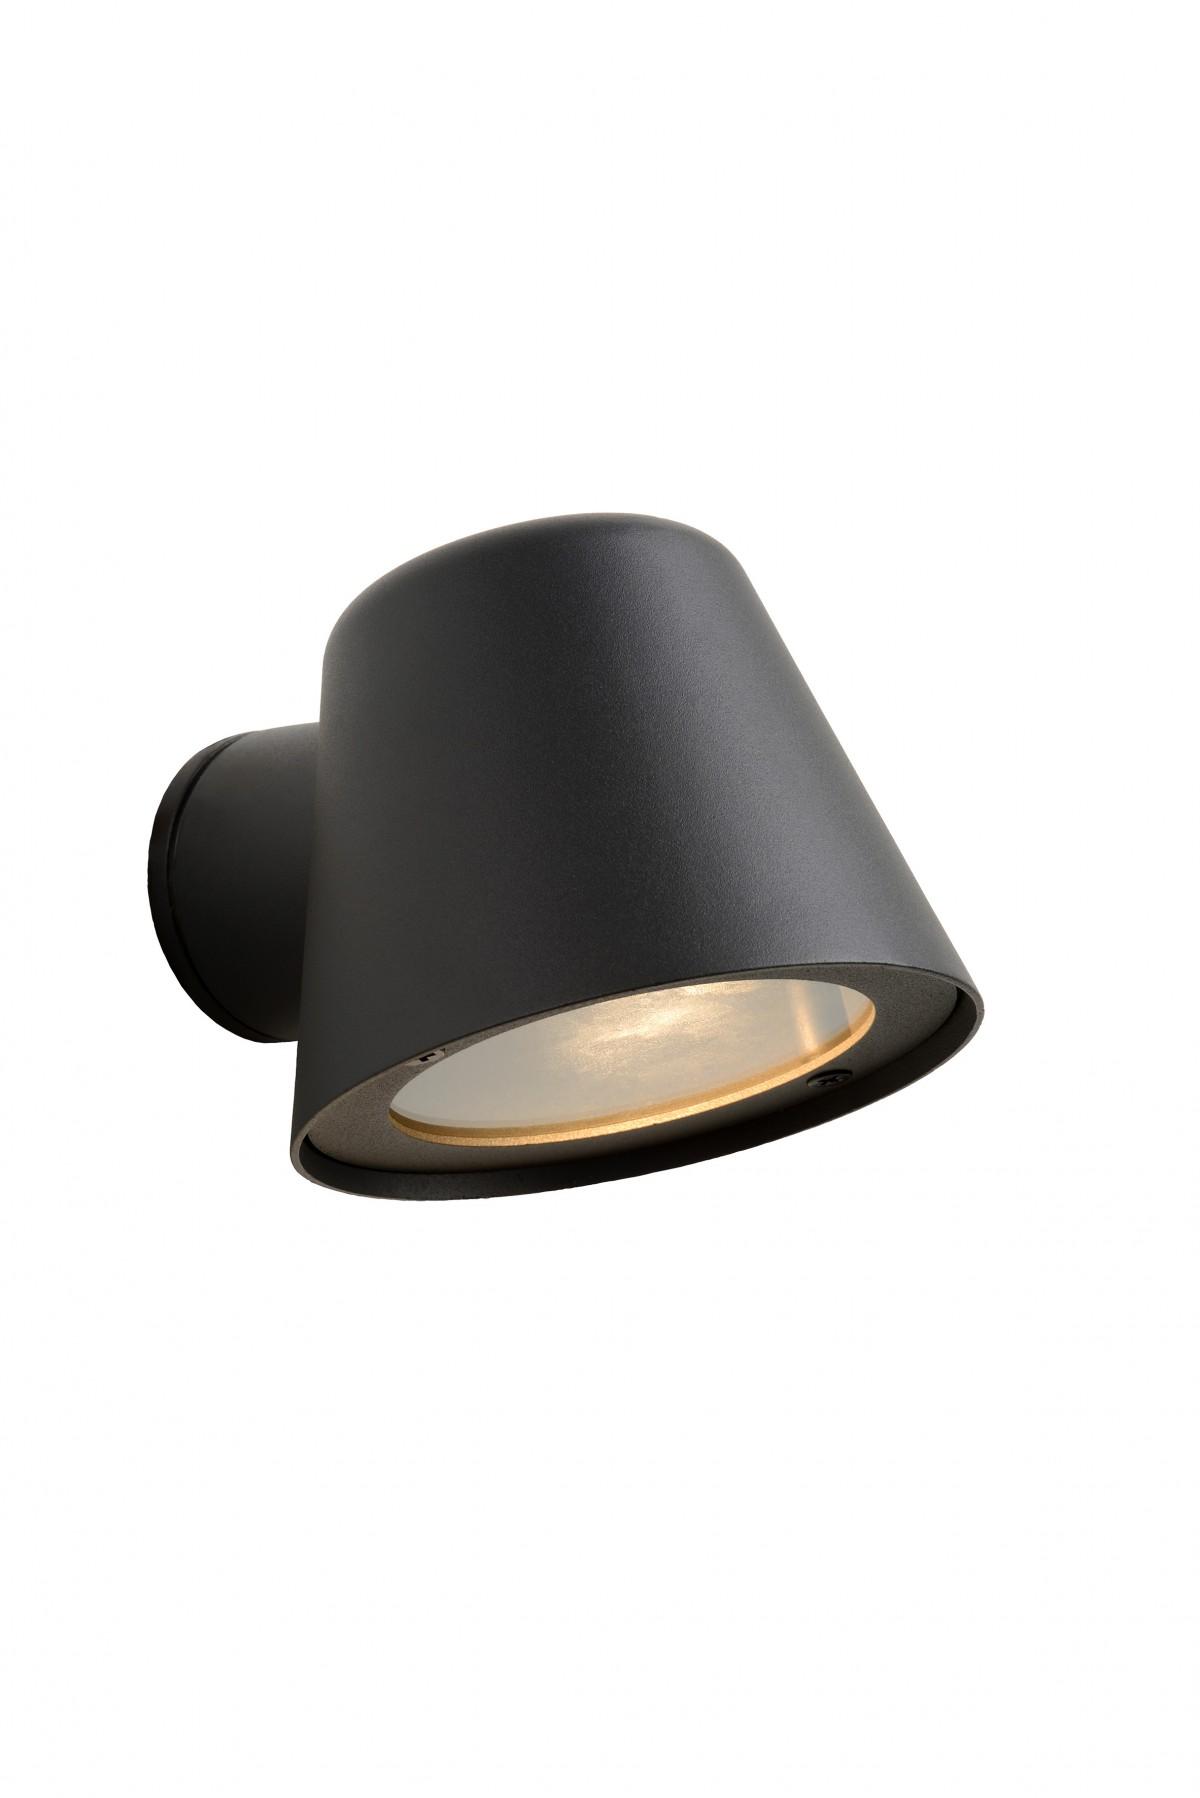 LED venkovní nástěnné svítidlo lampa Lucide Dingo 14881/05/30 1x5W GU10 - moderní venkovka